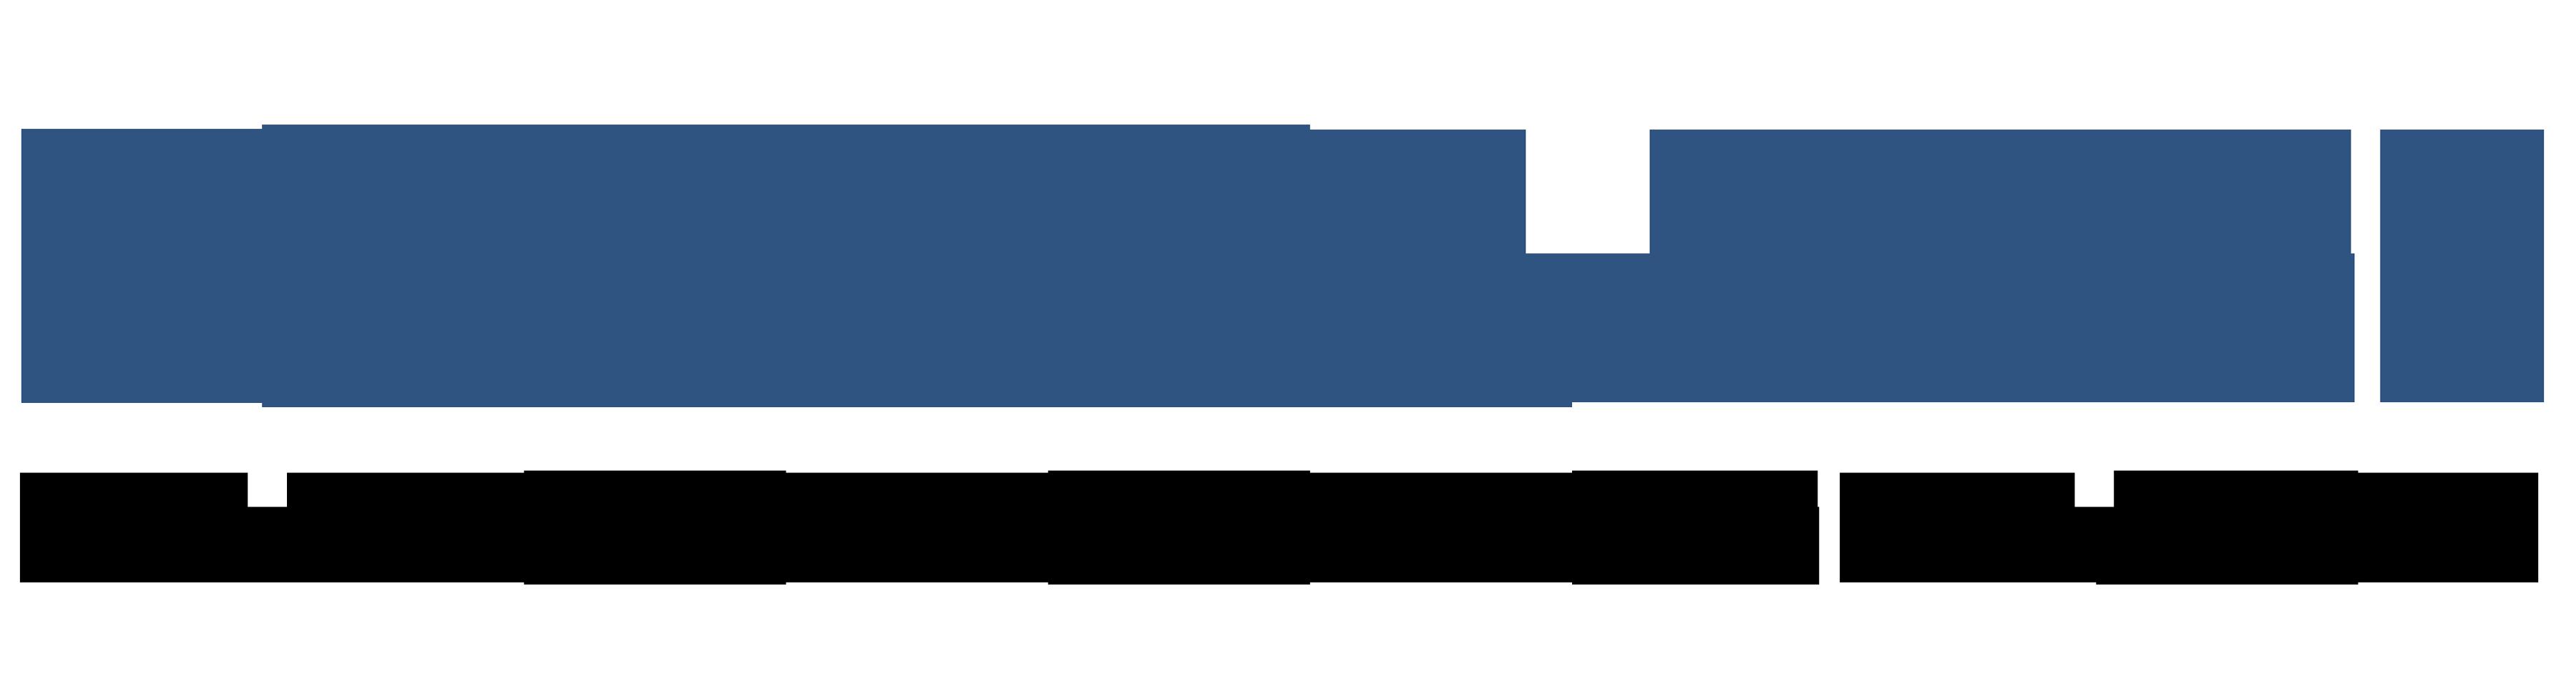 ks konsulenten logo stor